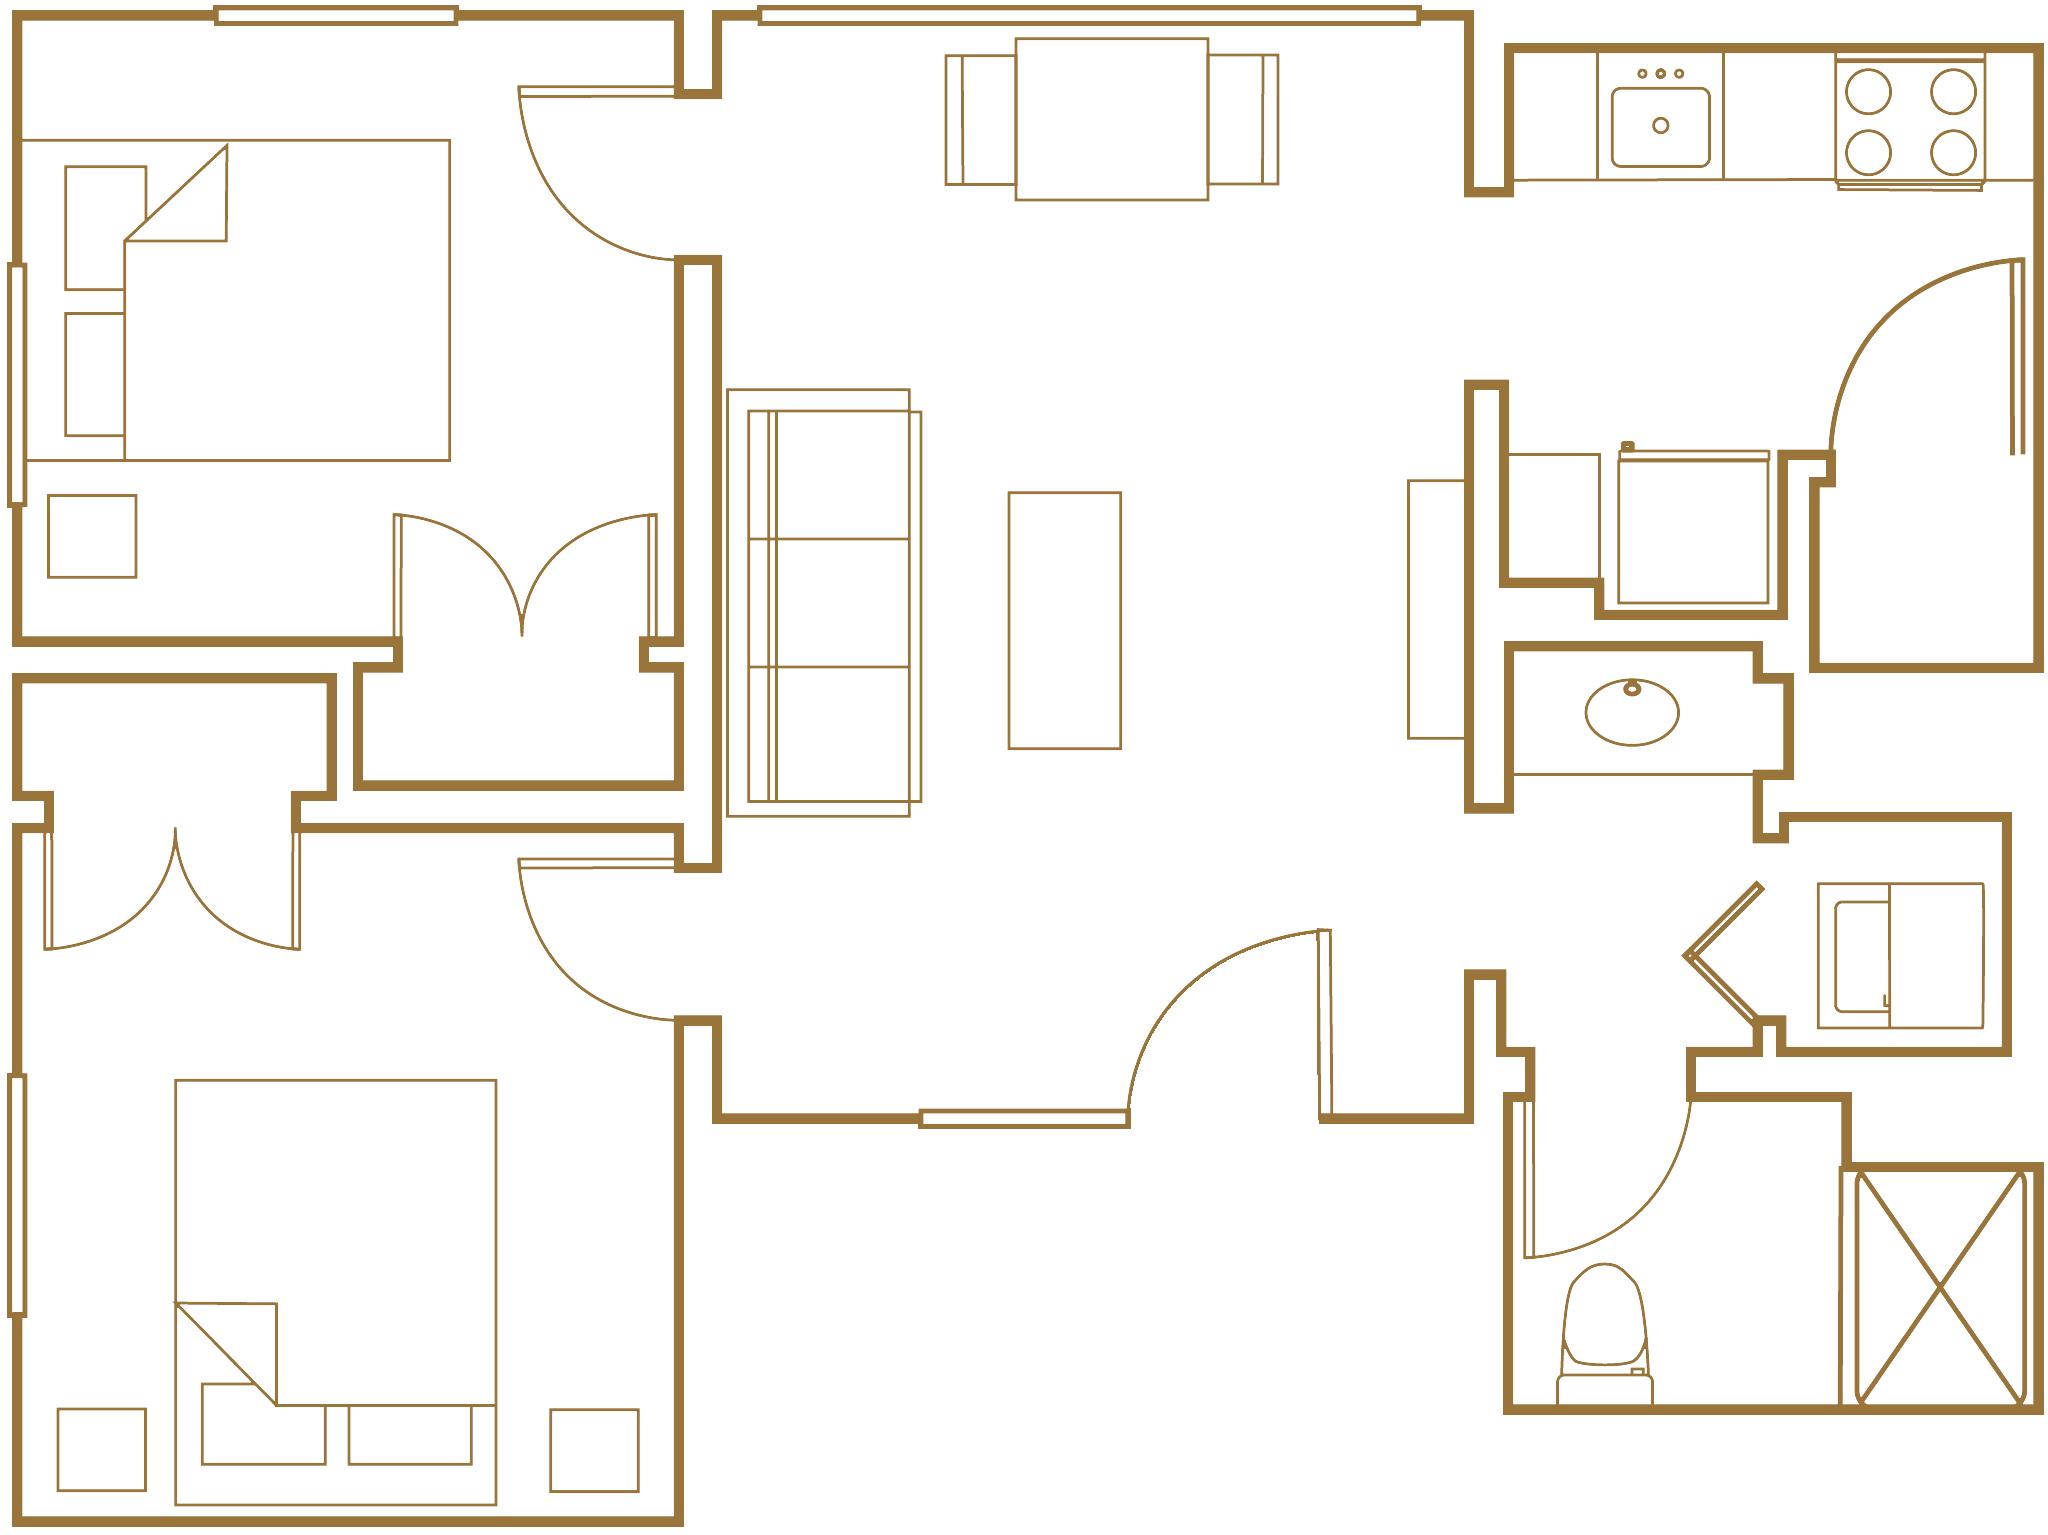 two bedroom one bath floor plan